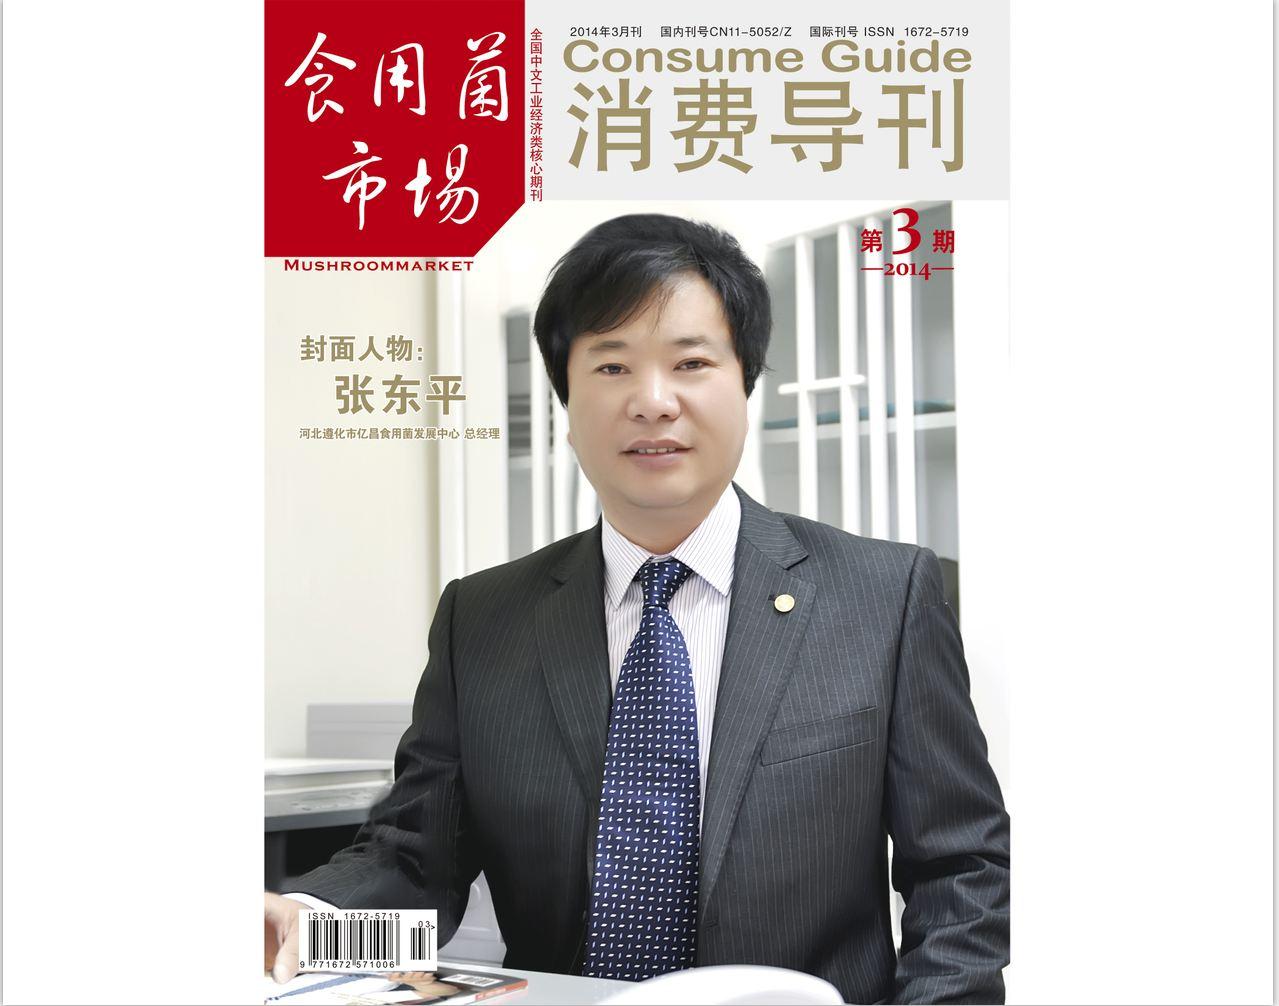 亿昌菌业-2014《食用菌市场》第3期封面-张东平(2014.03.05)-1